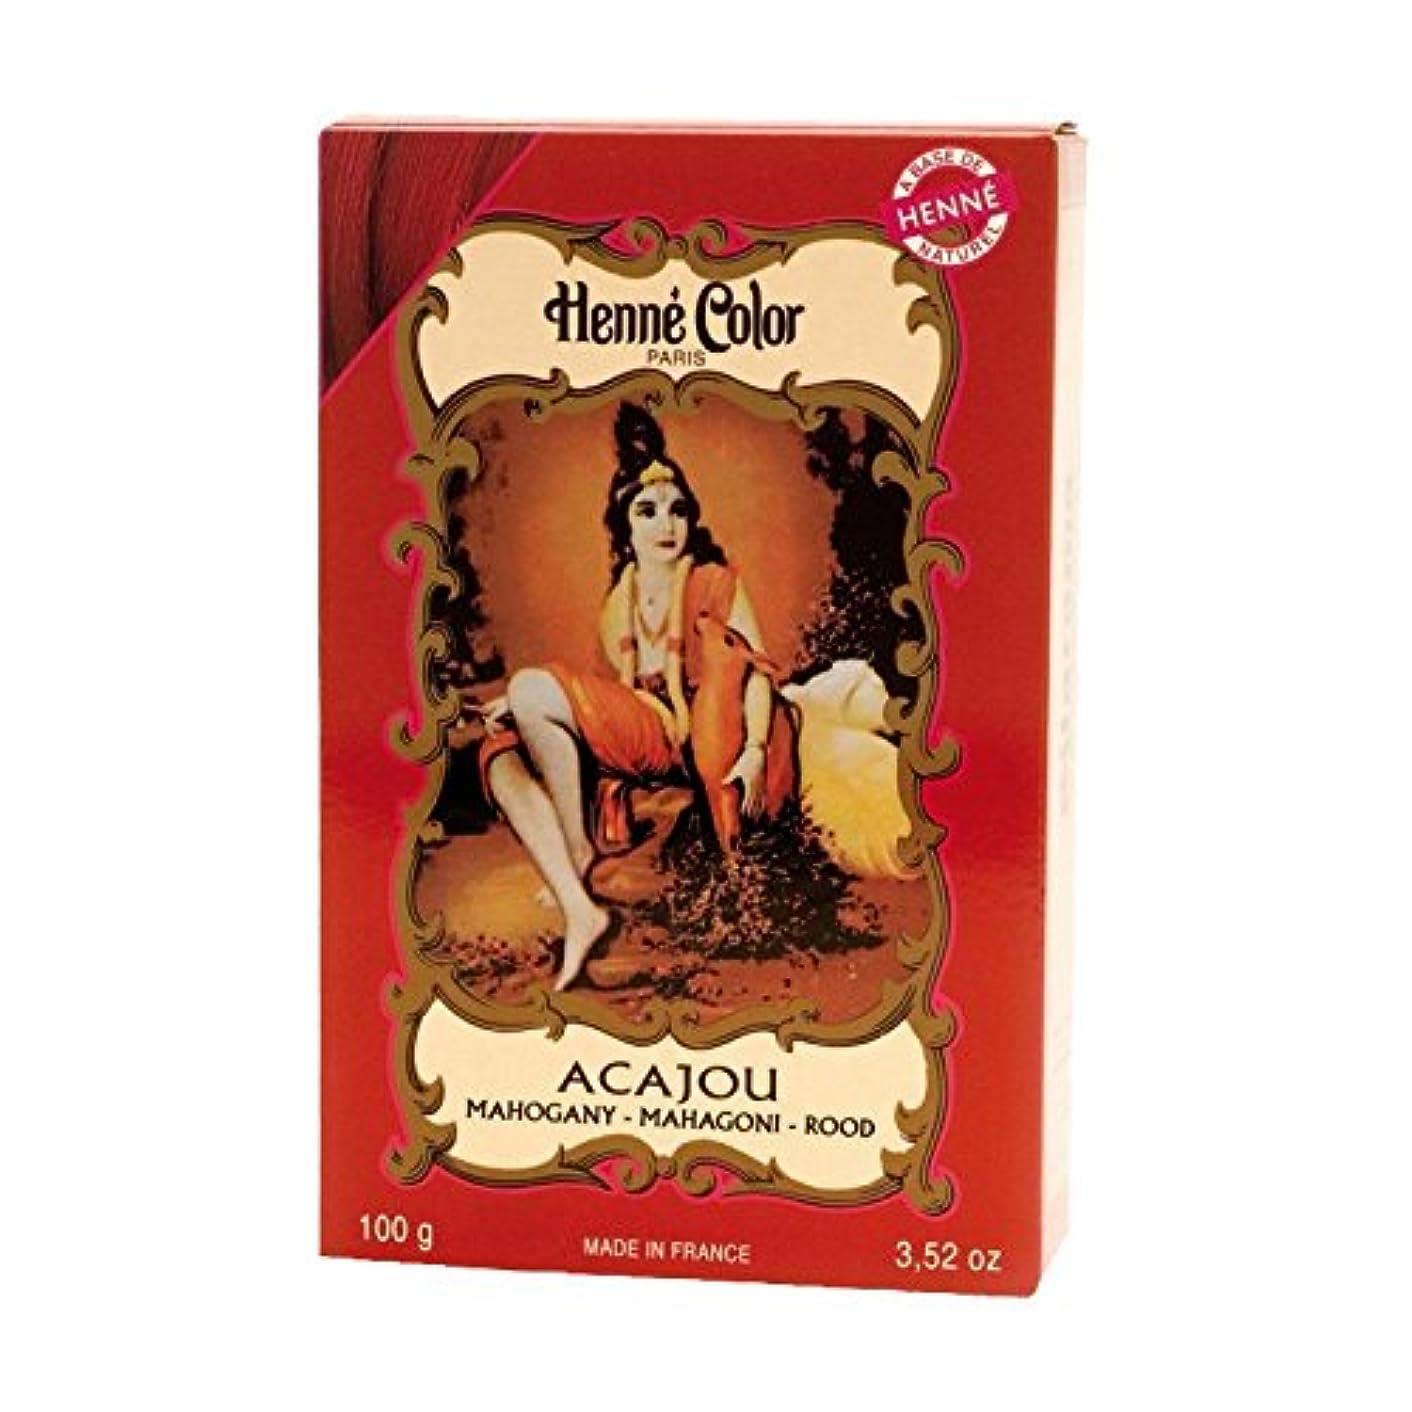 起きている前進扱うヘンカラーヘナパウダーヘアカラーマホガニー赤100グラム - Henne Color Henna Powder Hair Colour Mahogany Red 100g (Henne Color) [並行輸入品]